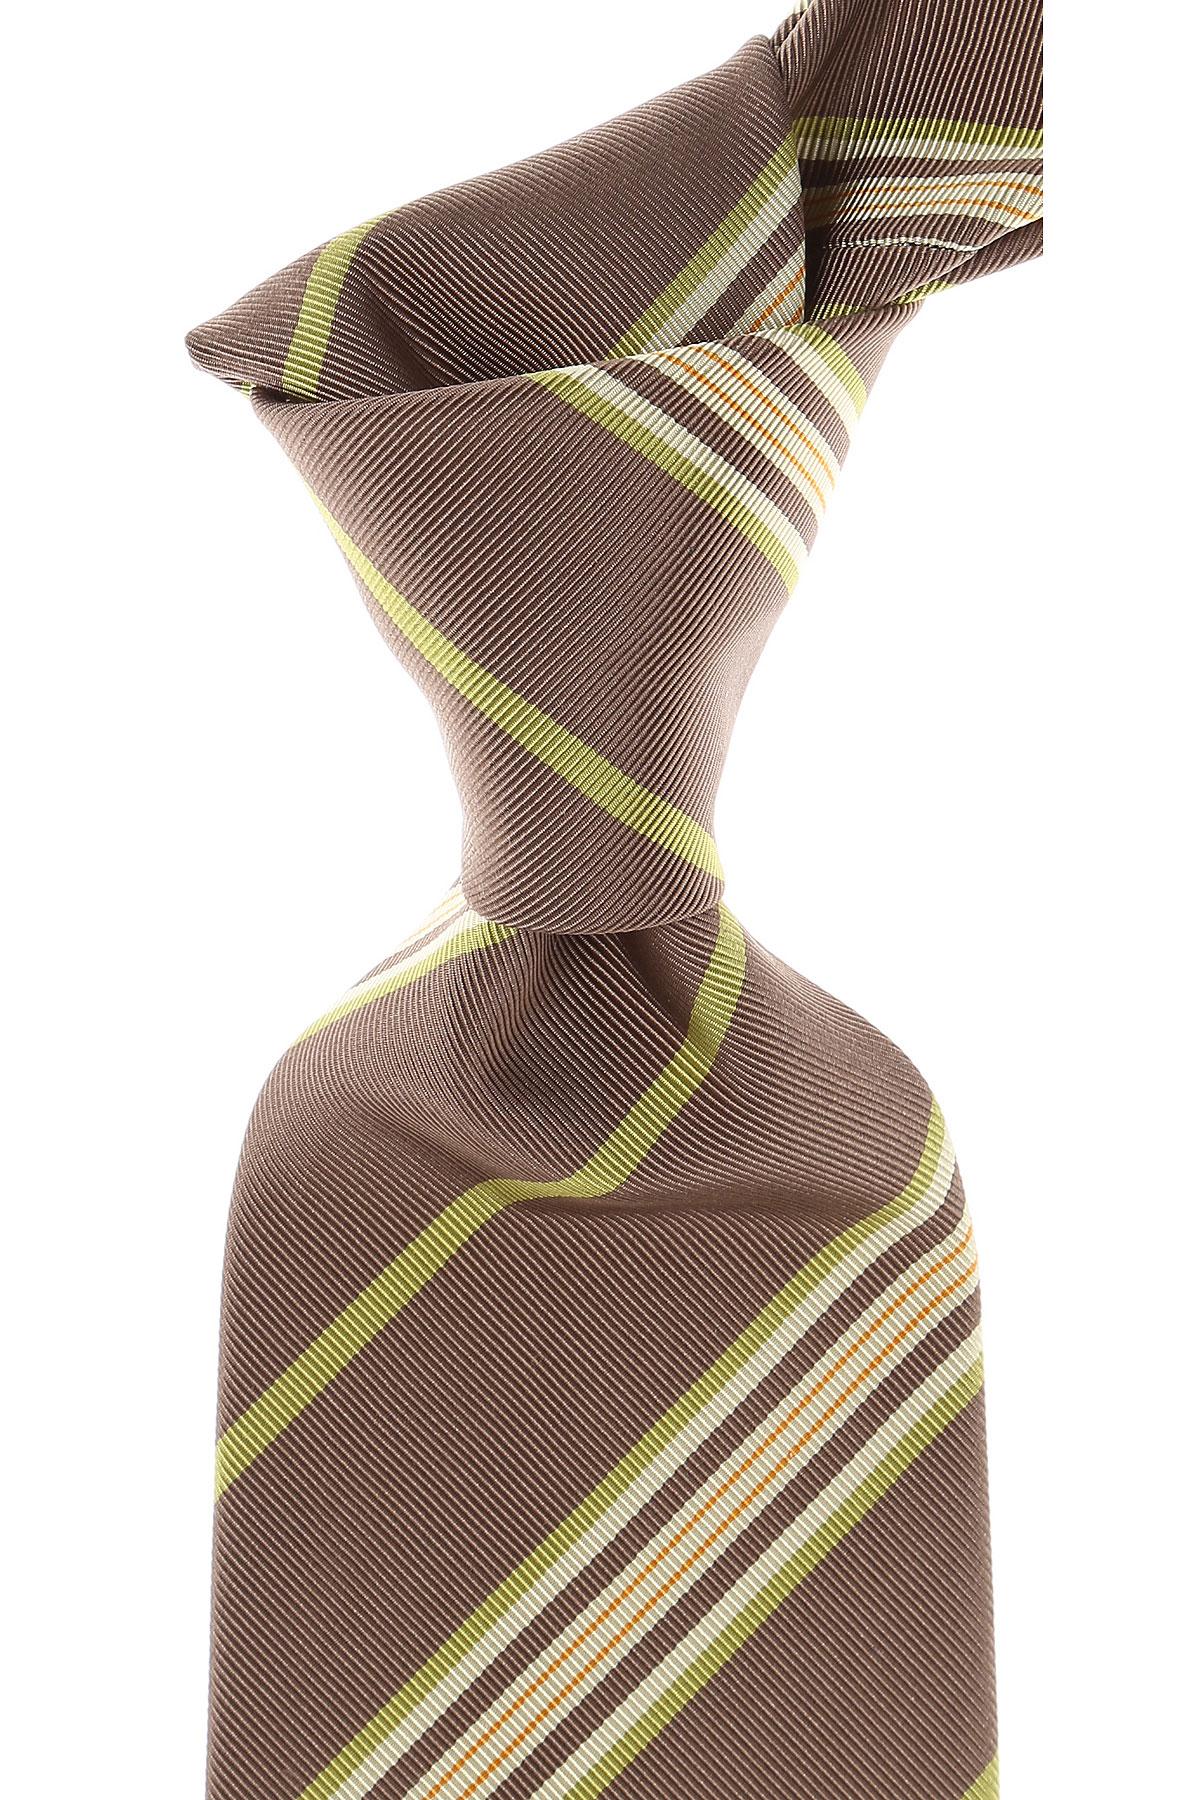 Cravates Etro Pas cher en Soldes, Taupe, Soie, 2017